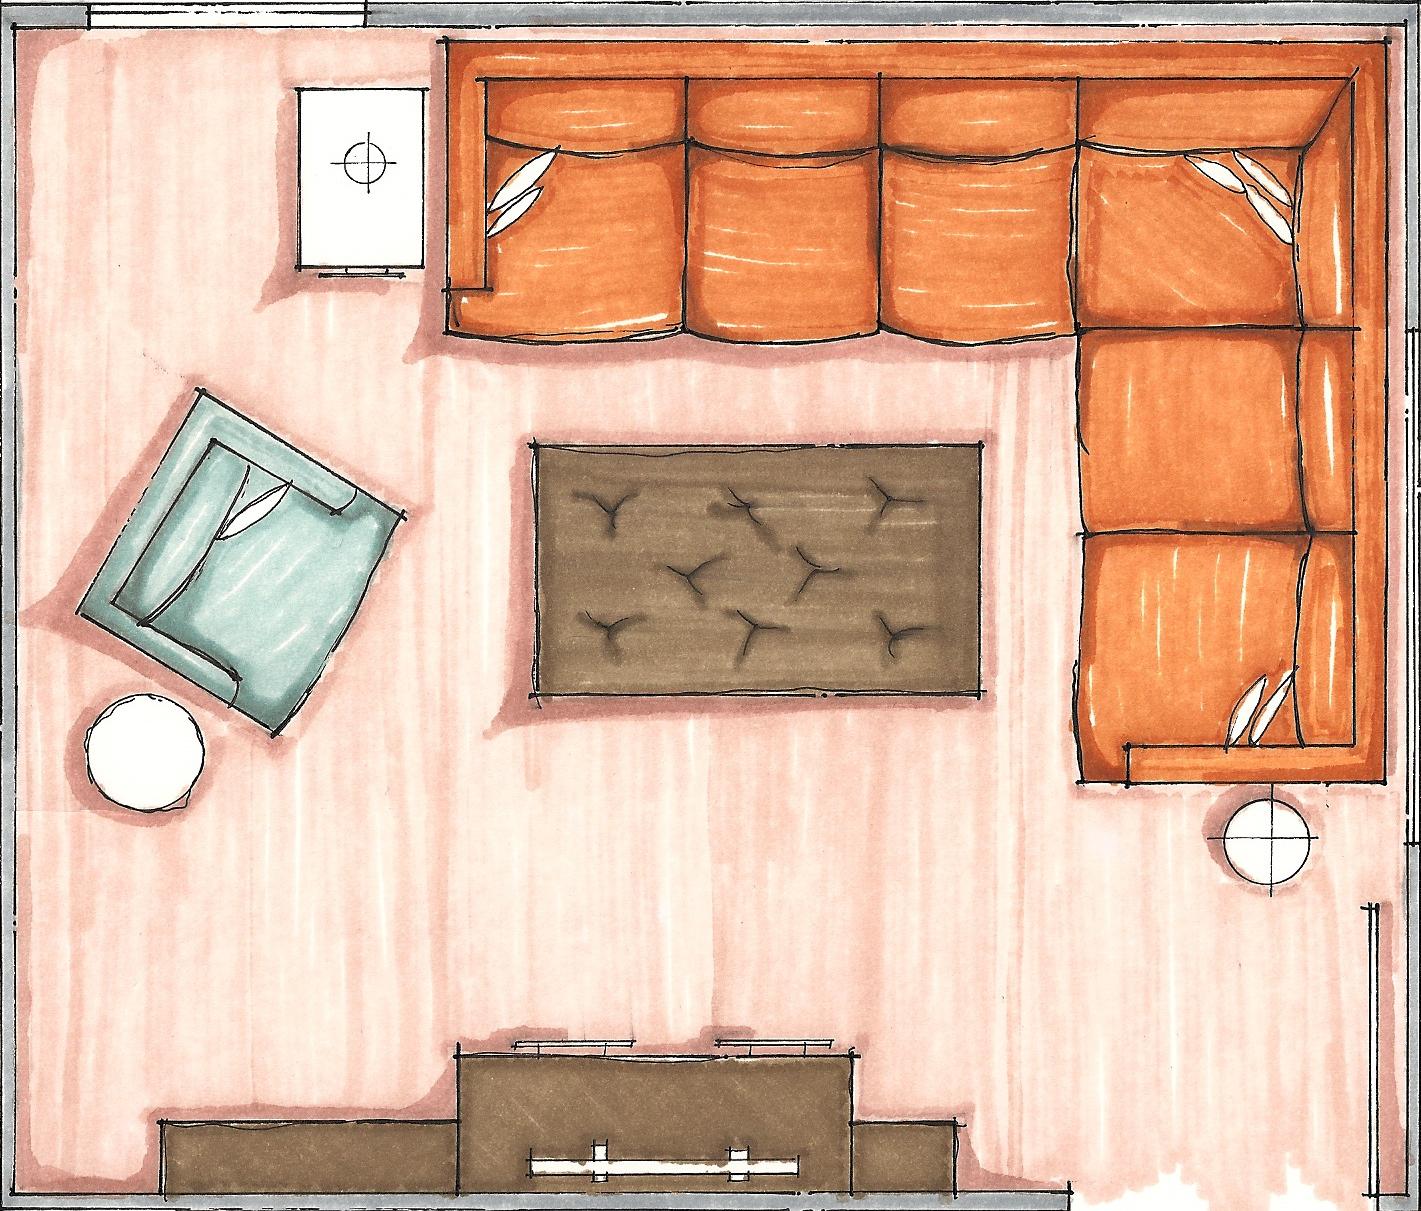 Rec Room Floor Plan Sketch